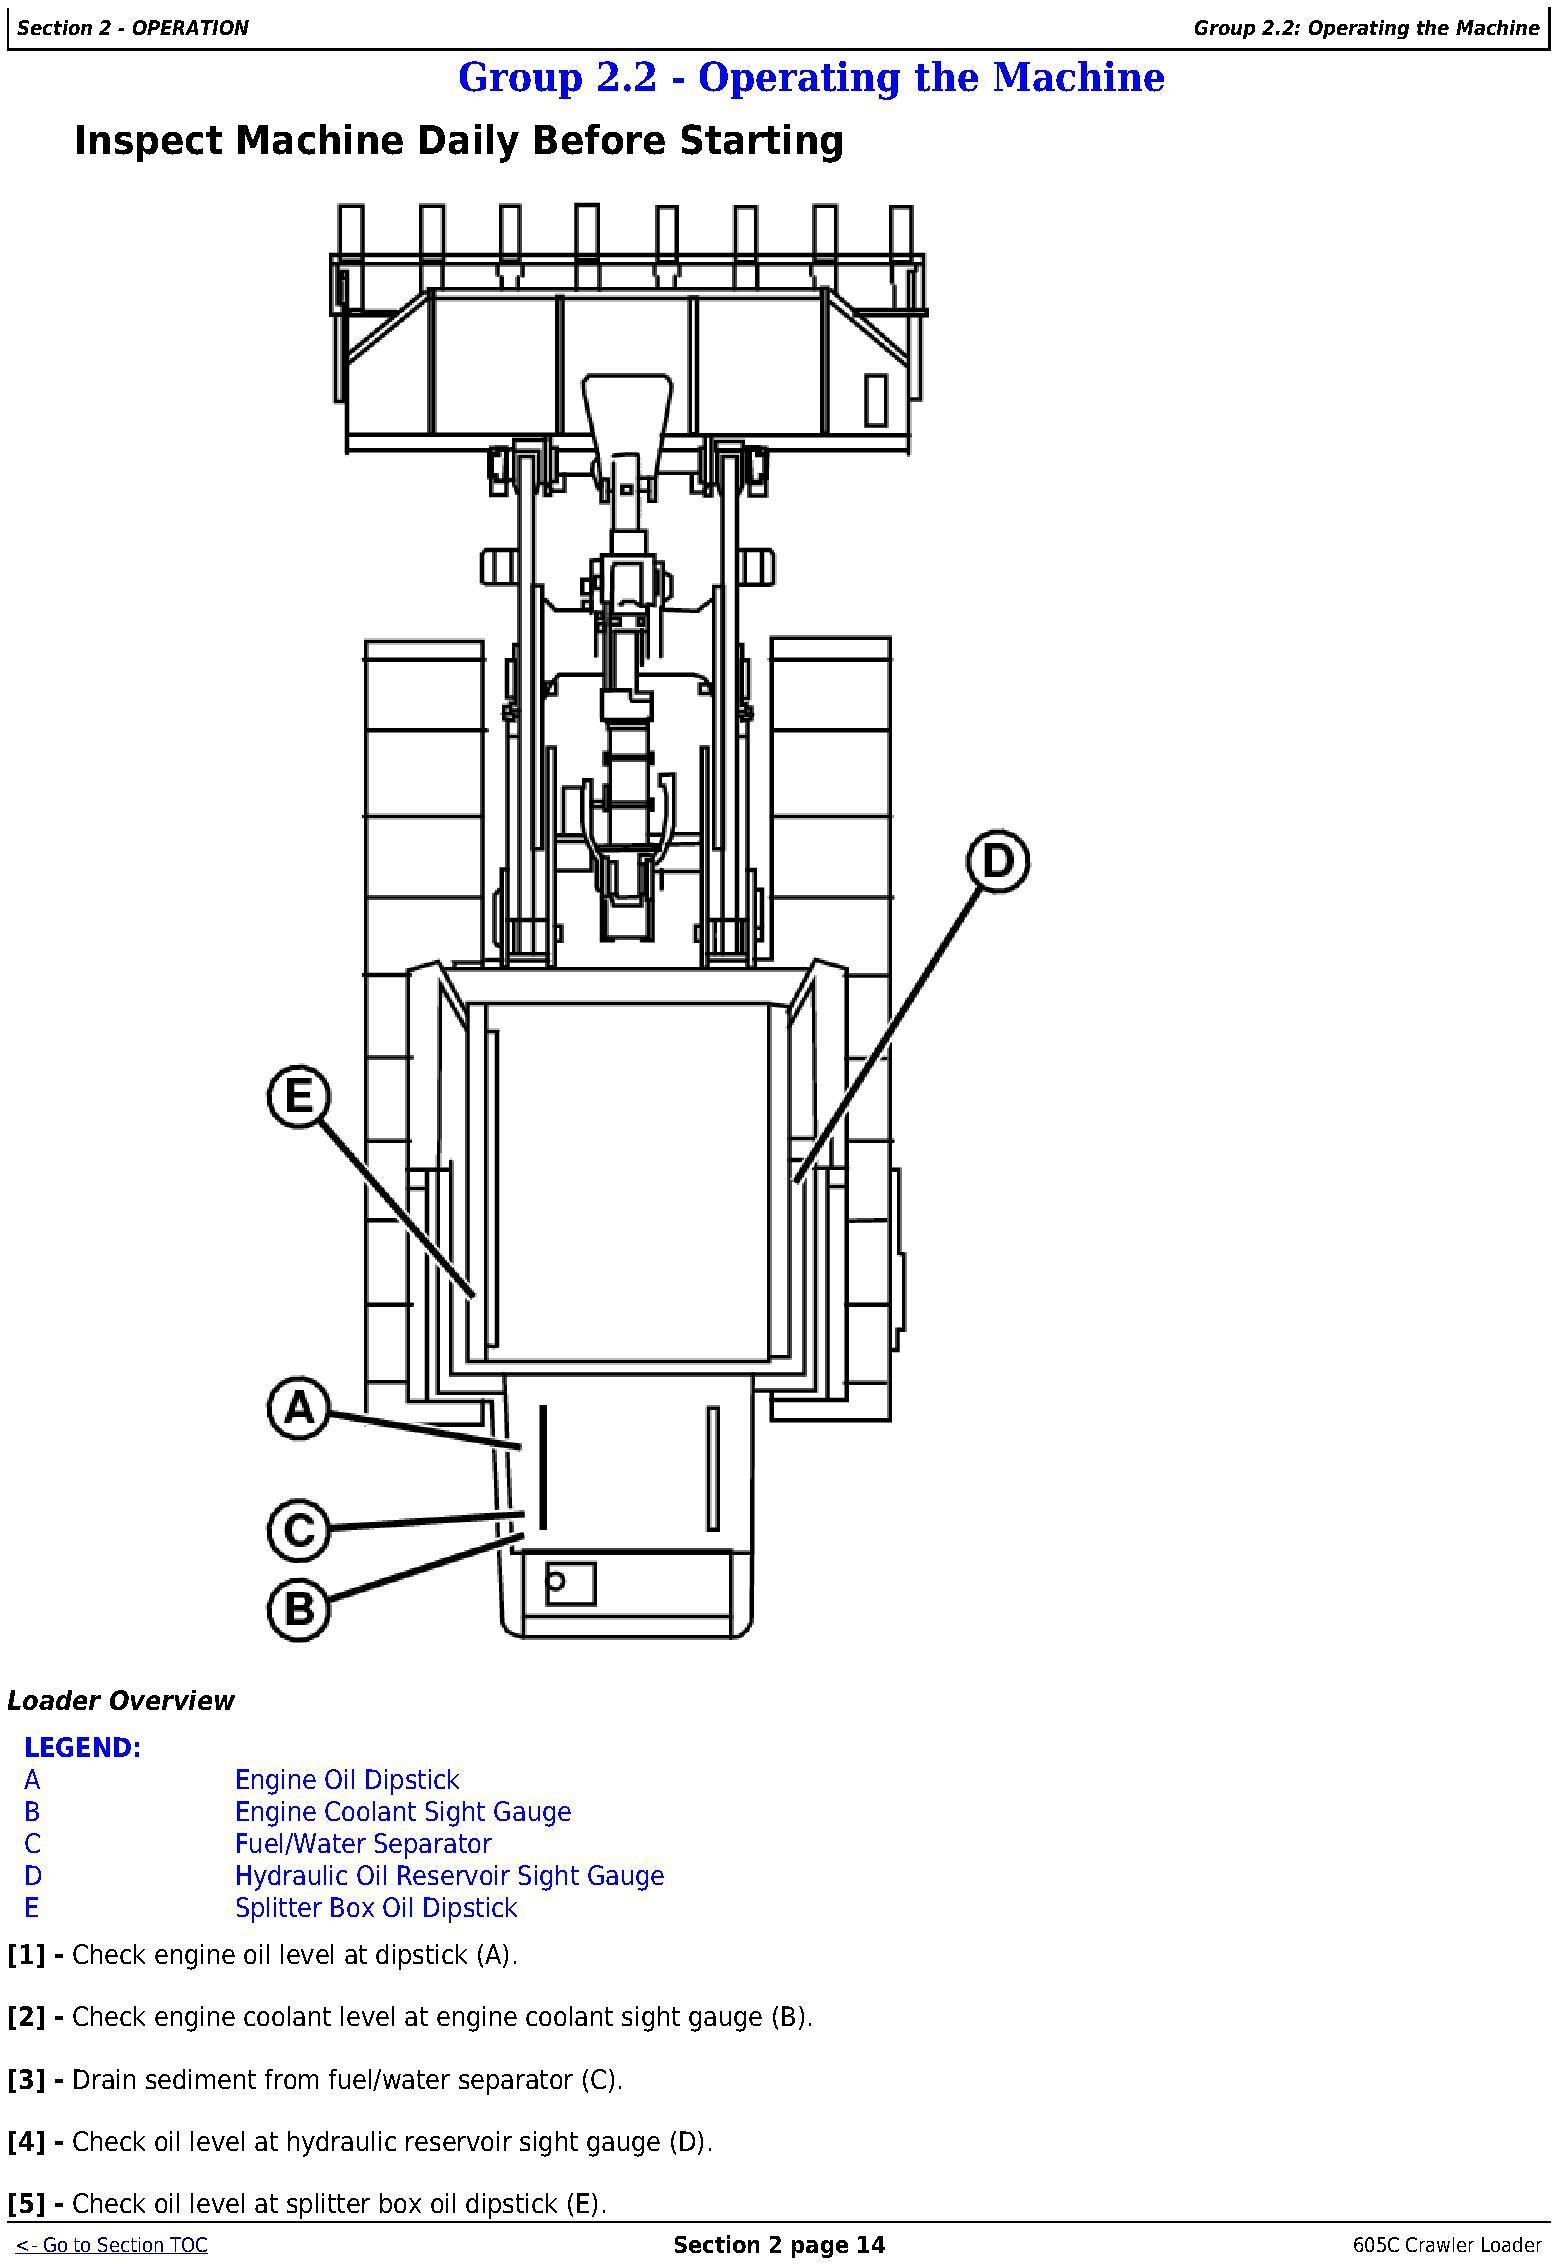 OMT217598 - John Deere 605C Crawler Loader Operators Manual - 3